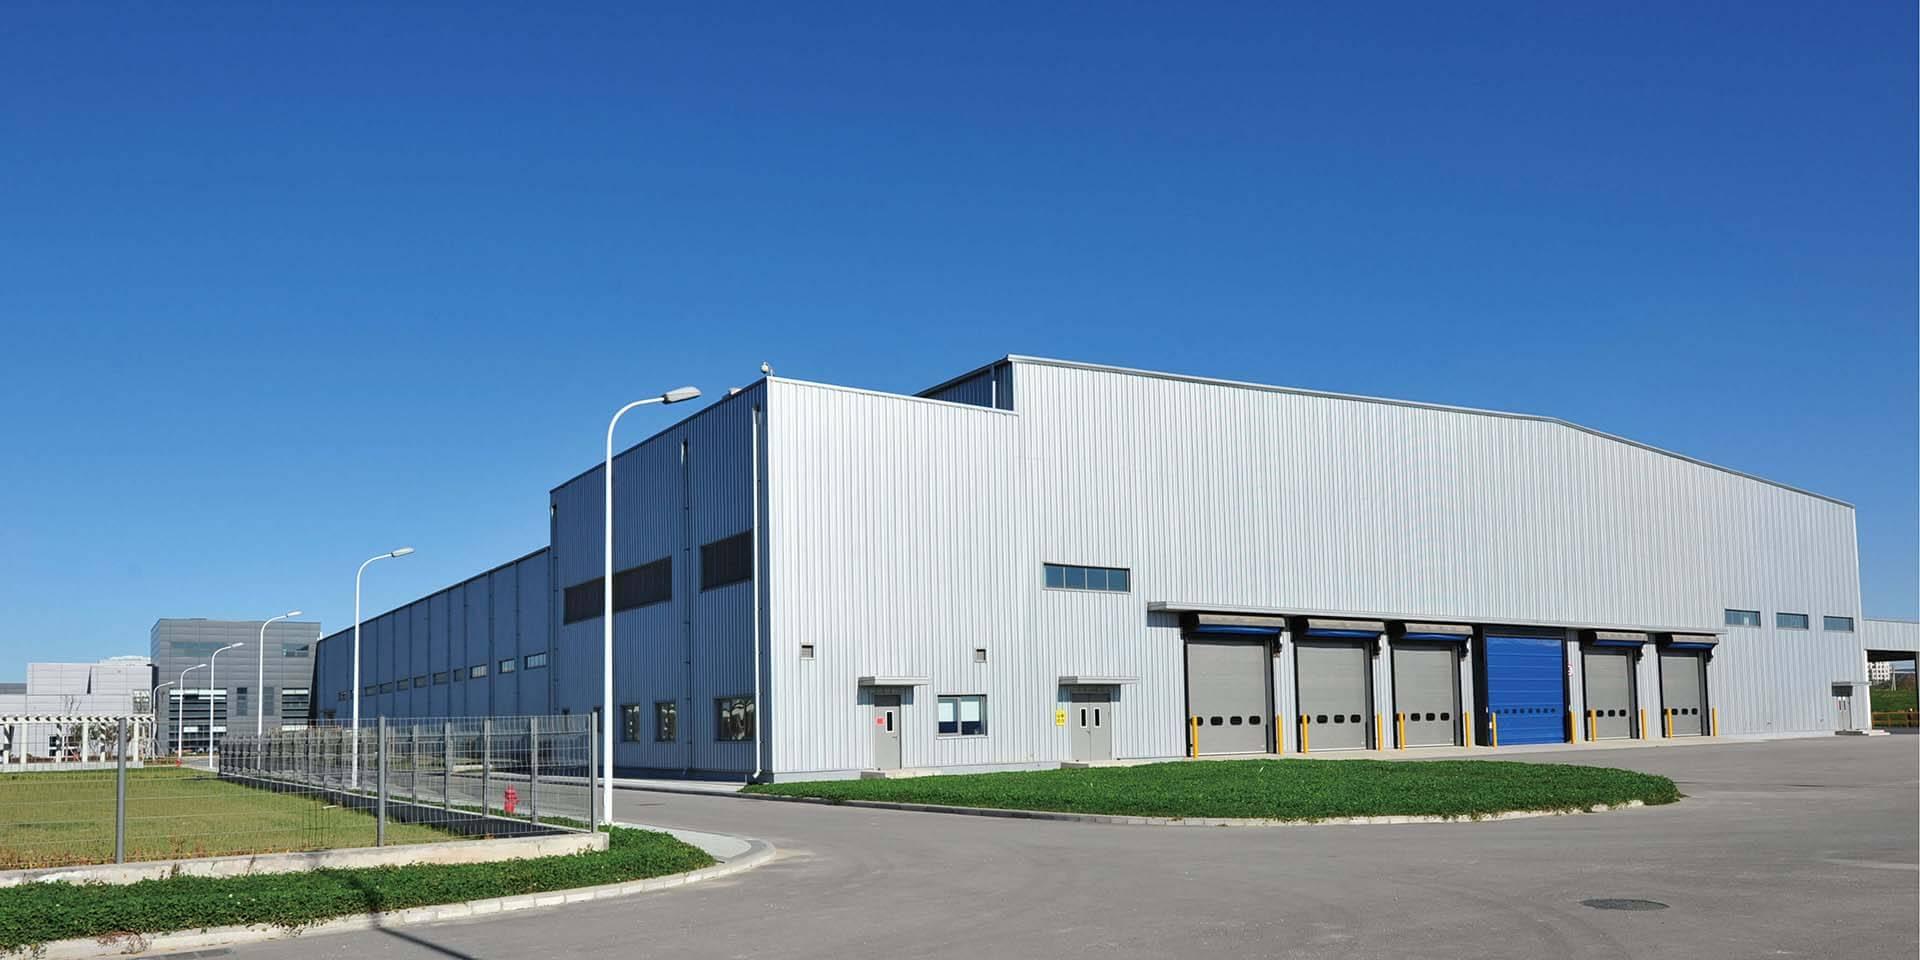 卡特彼勒有限公司大型发动机和发电机组制造工厂